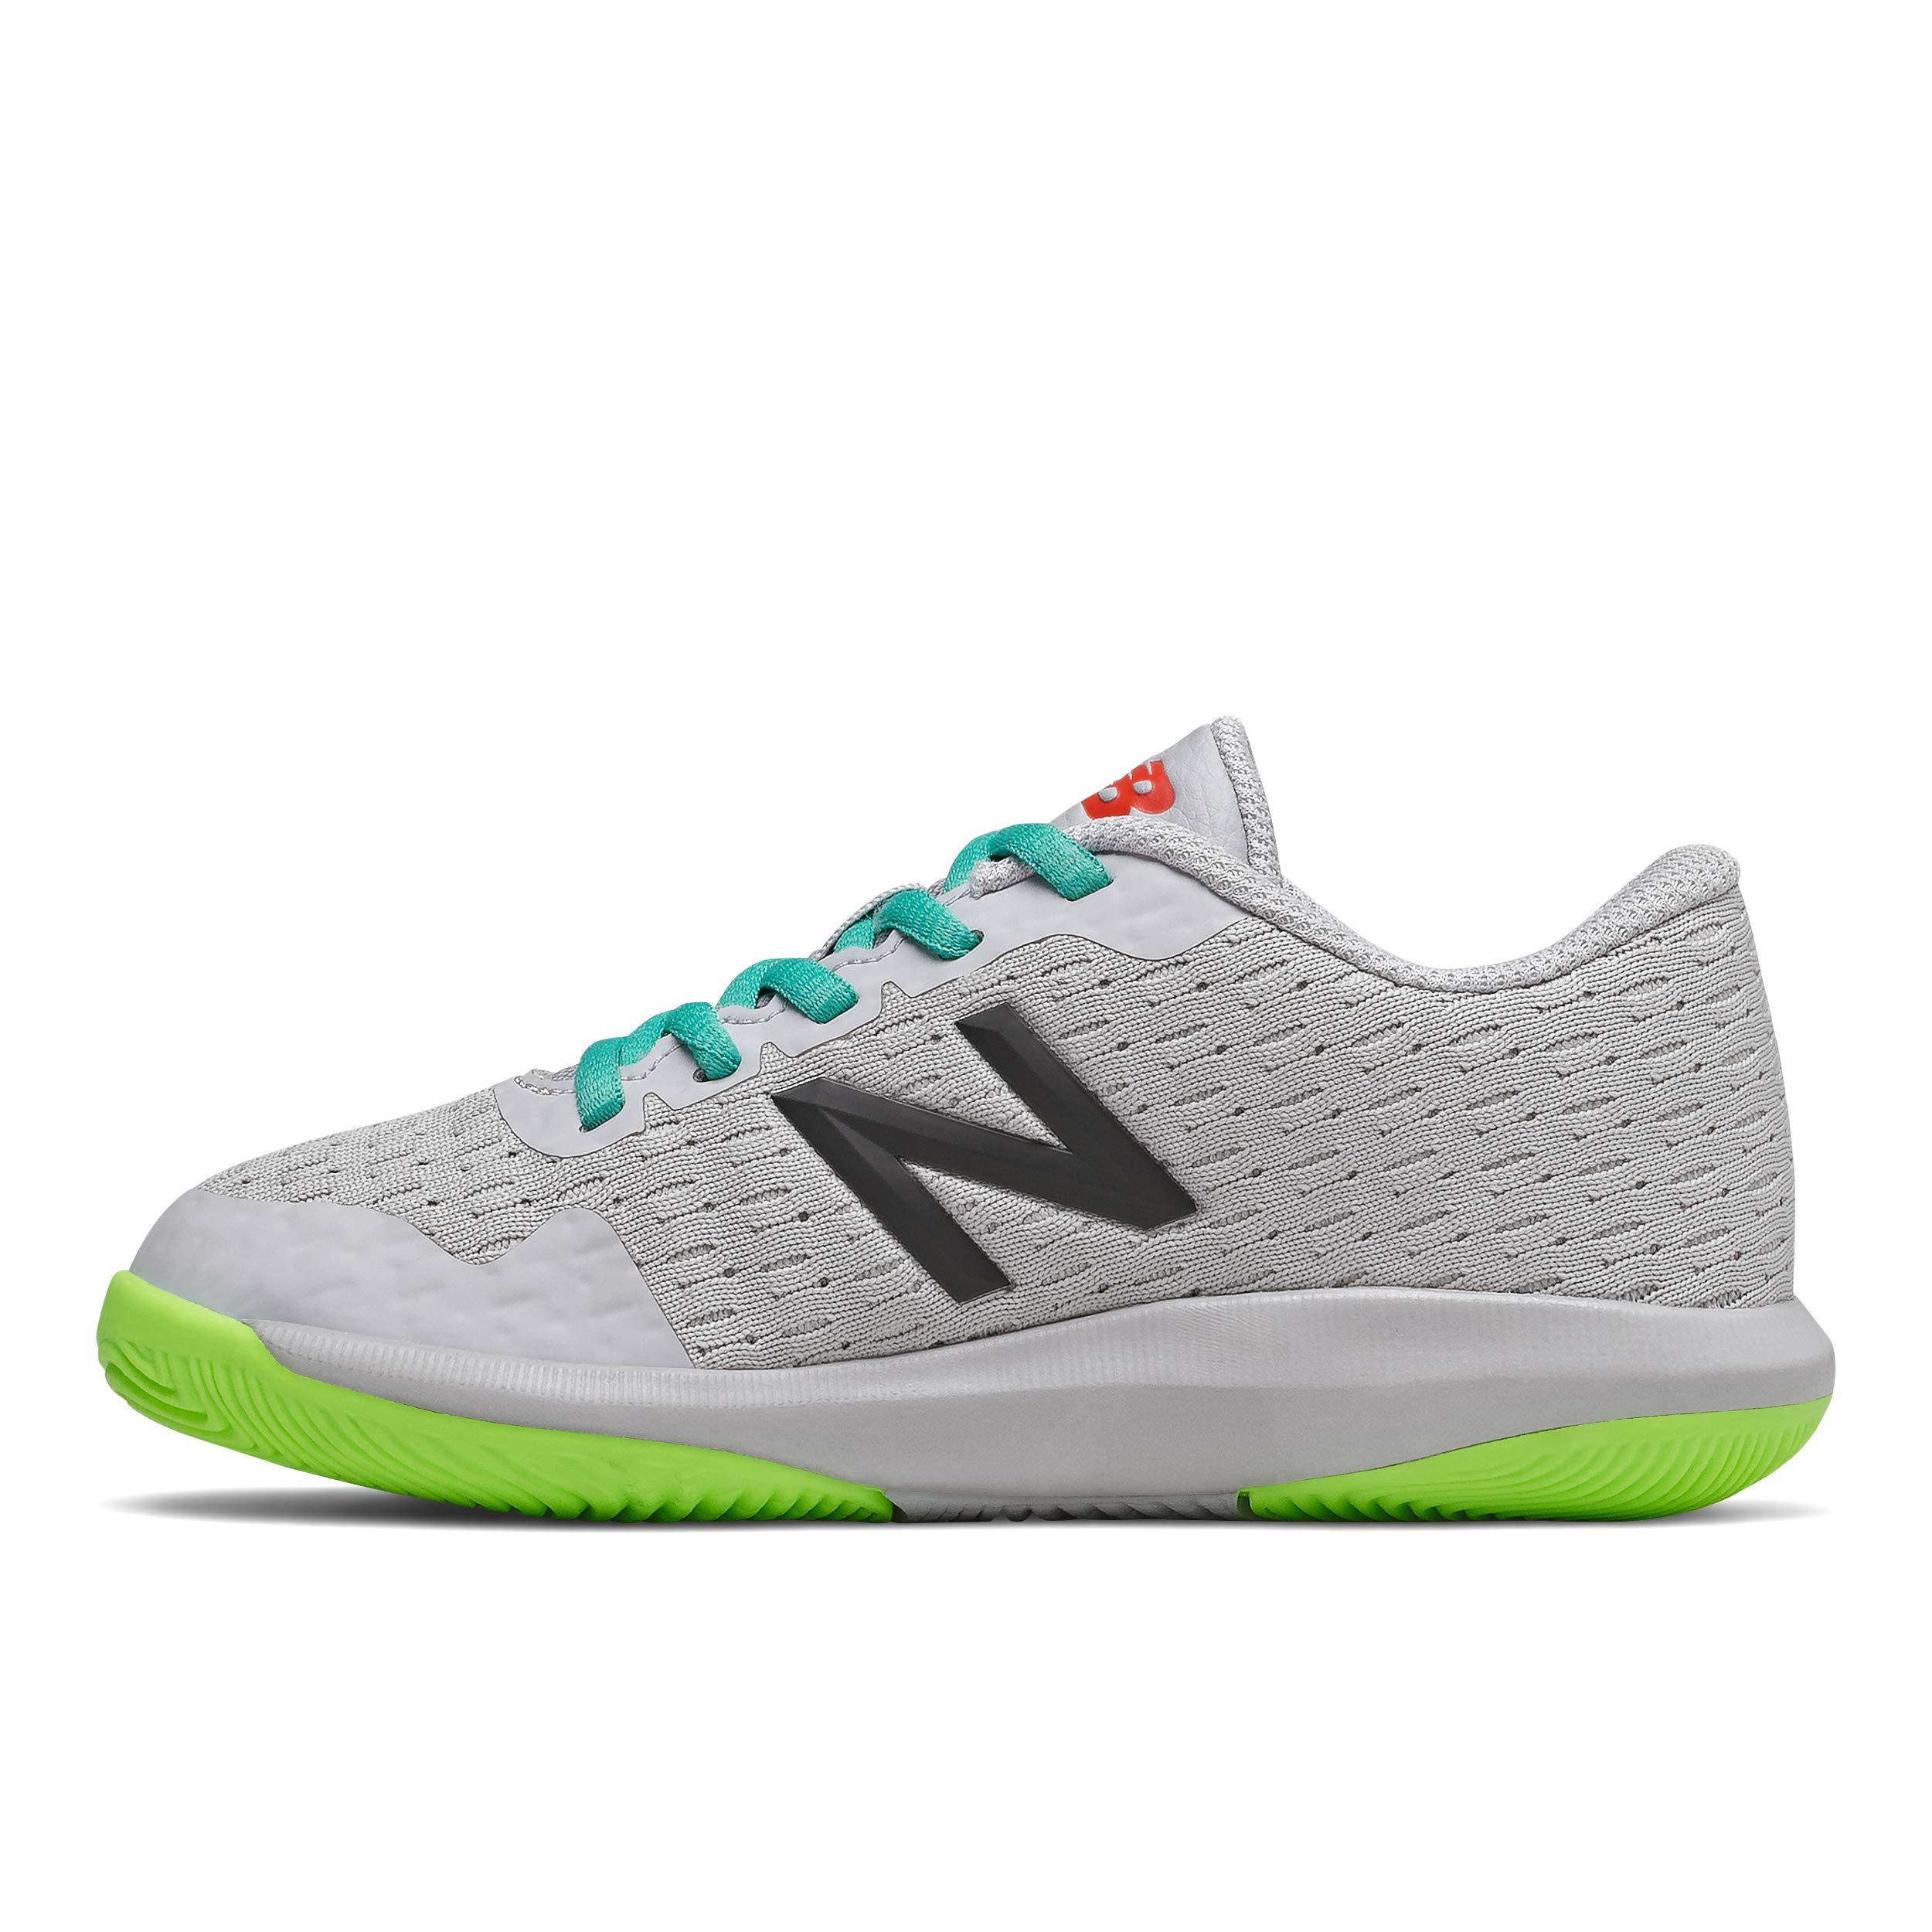 New Balance Unisex-Child 996 V4 Tennis Shoe